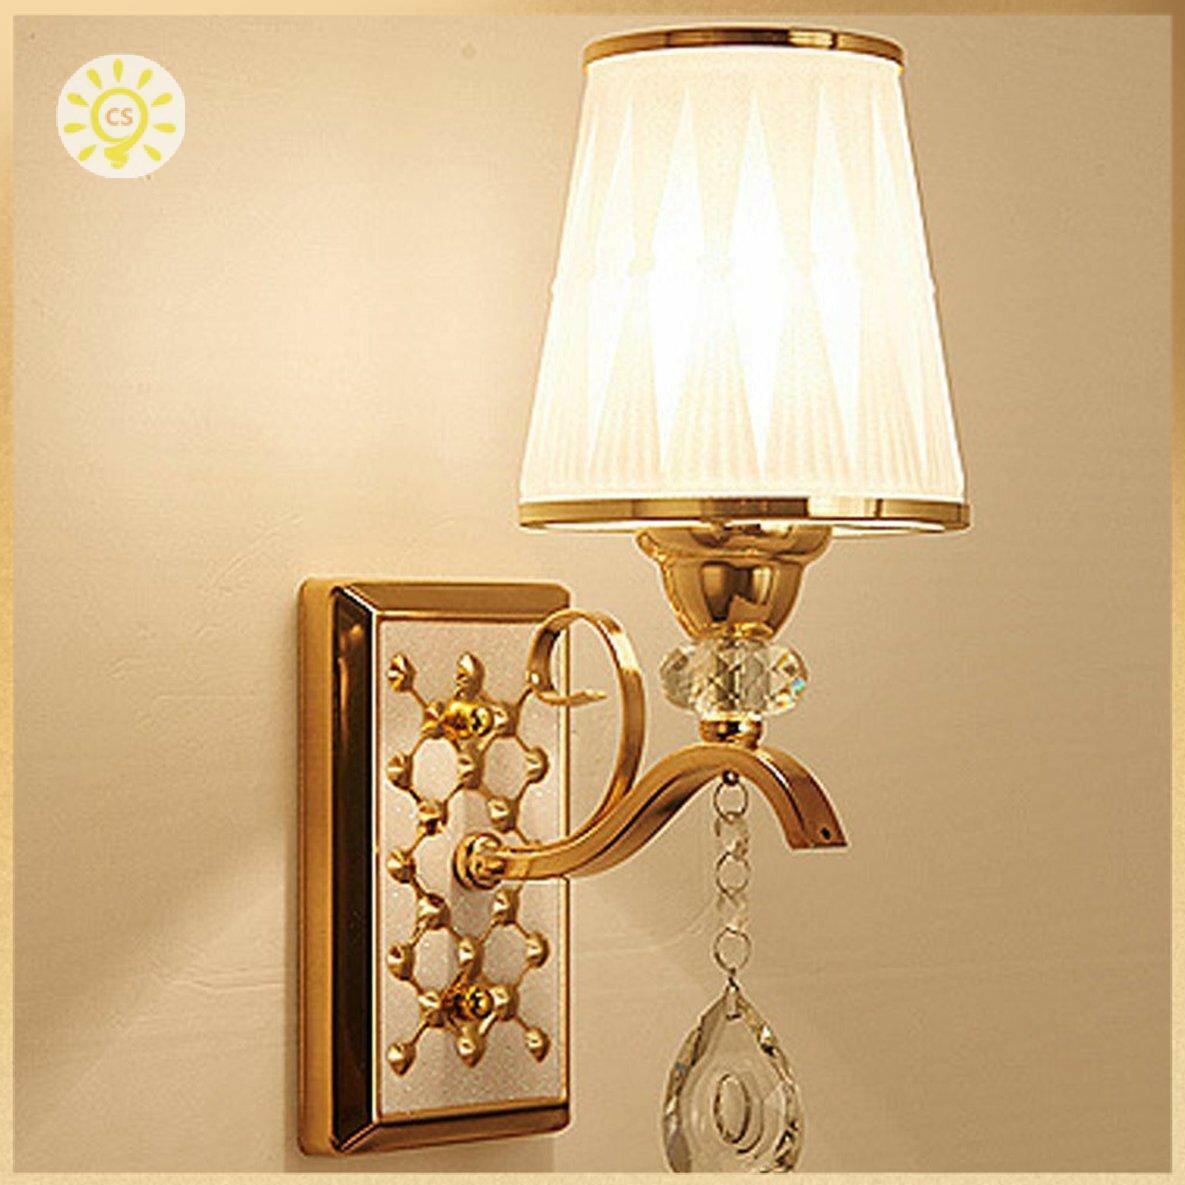 【全館免運】臥室客廳裝飾用的高亮LED水晶壁燈B111 clickstorevip